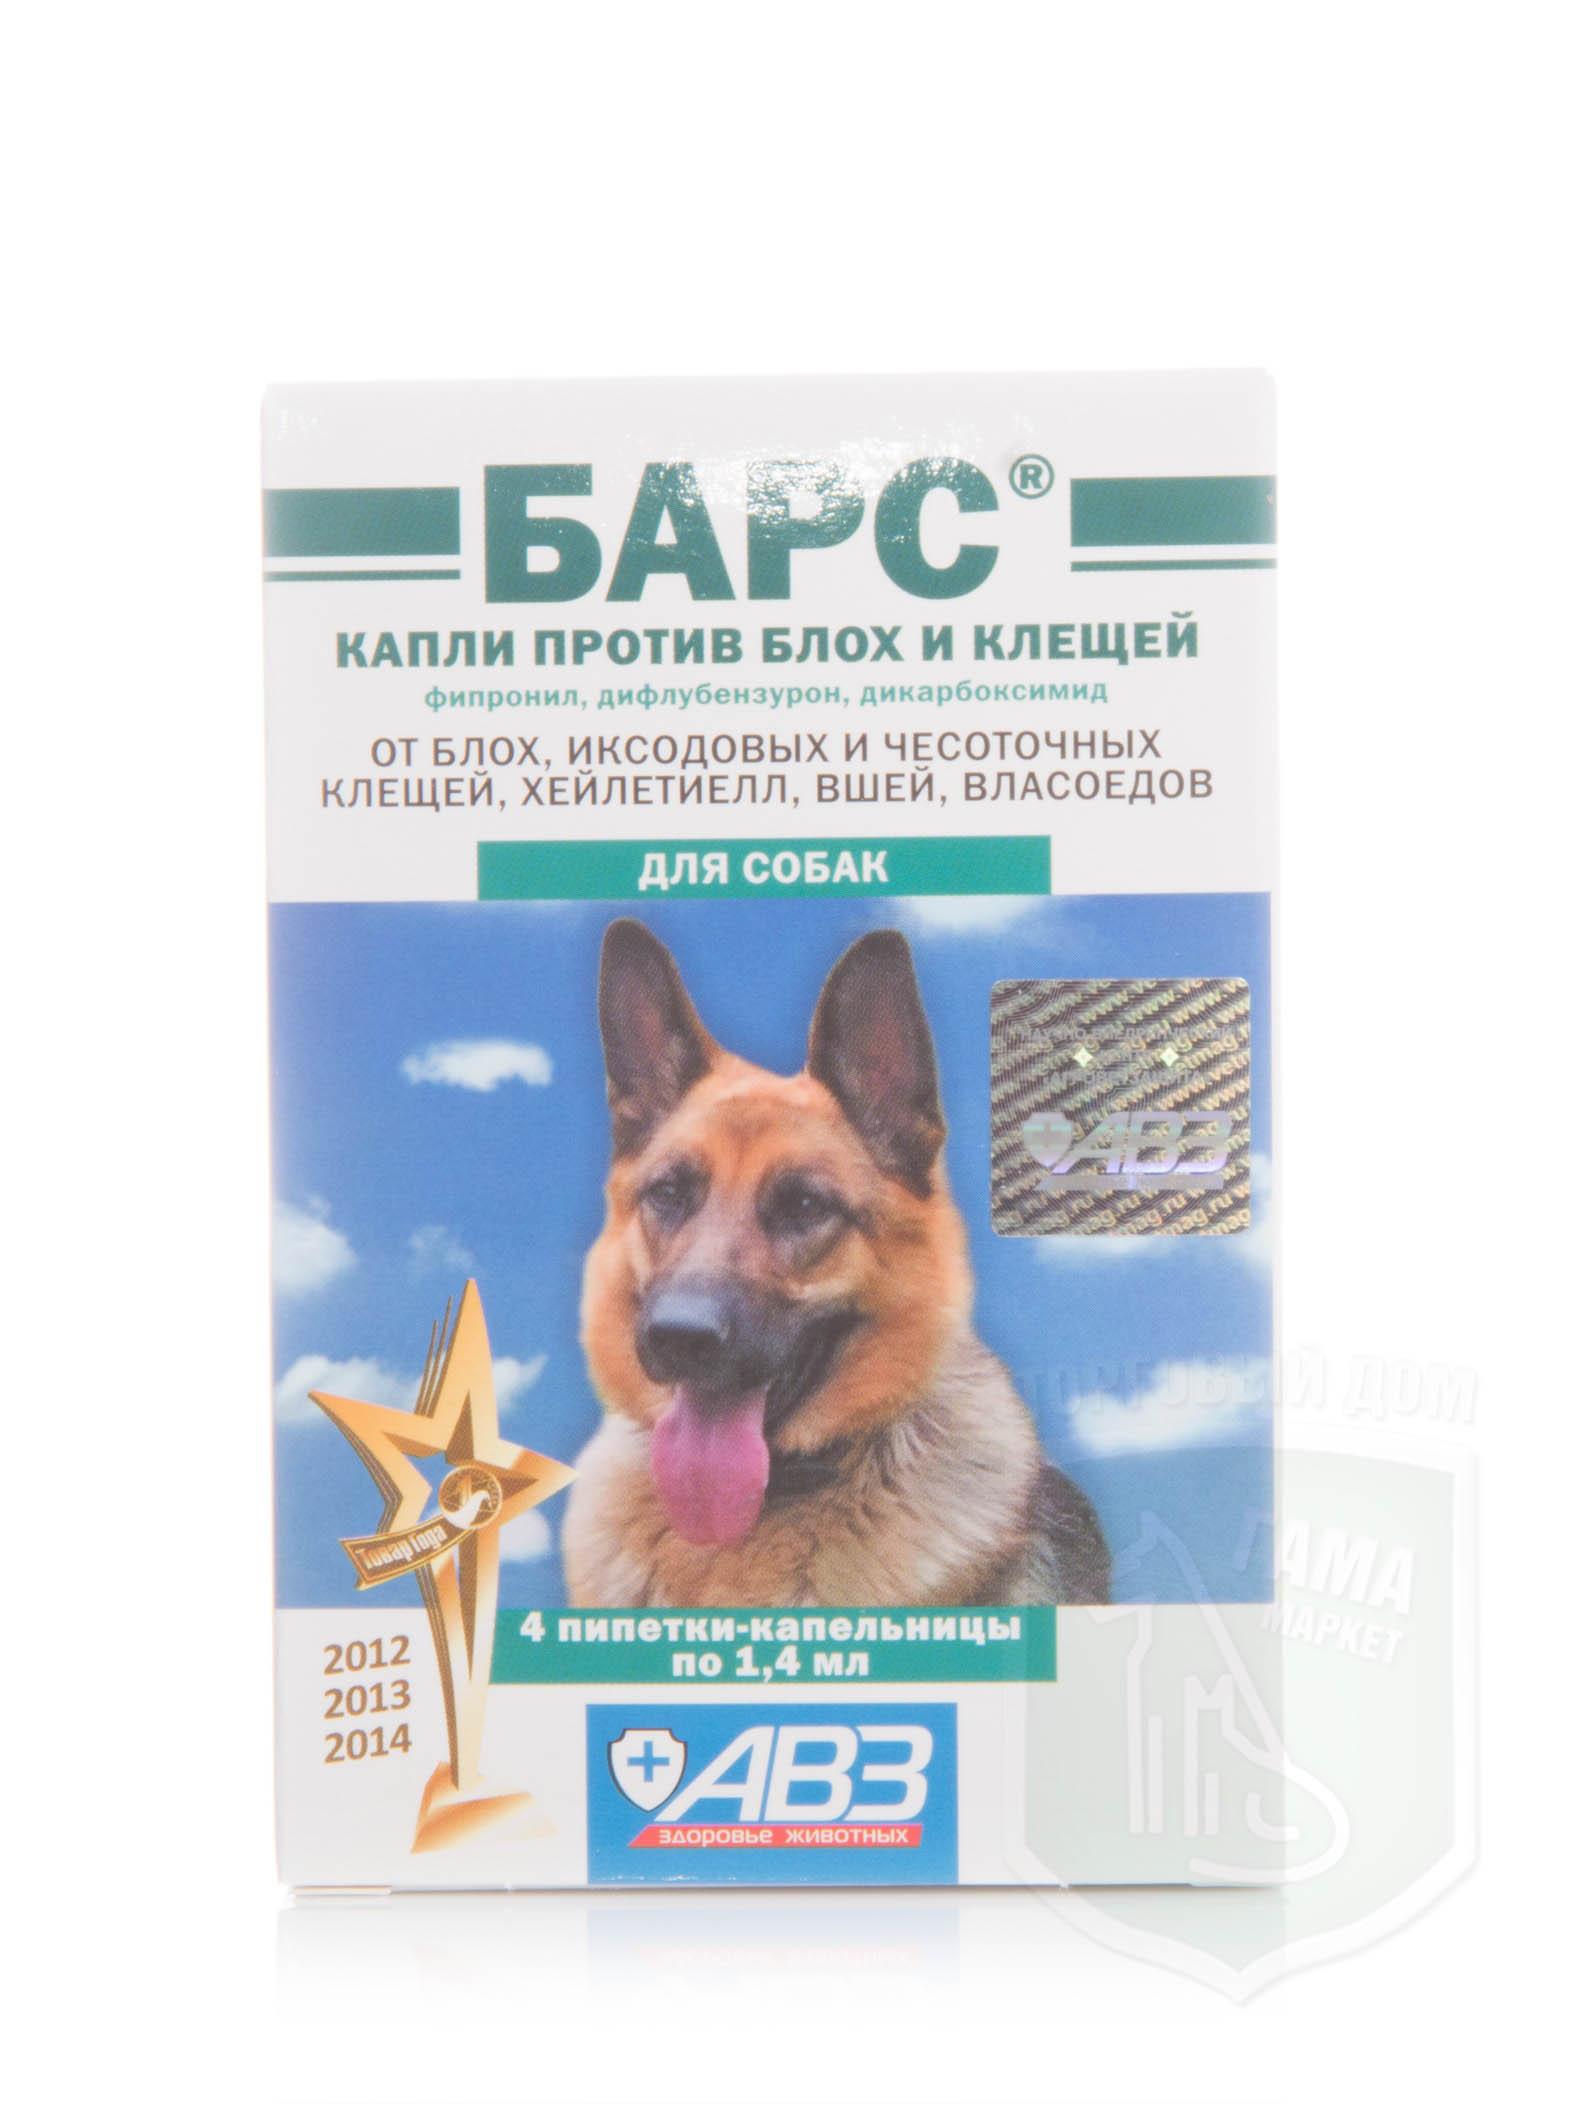 барс капли для собак инструкция цена